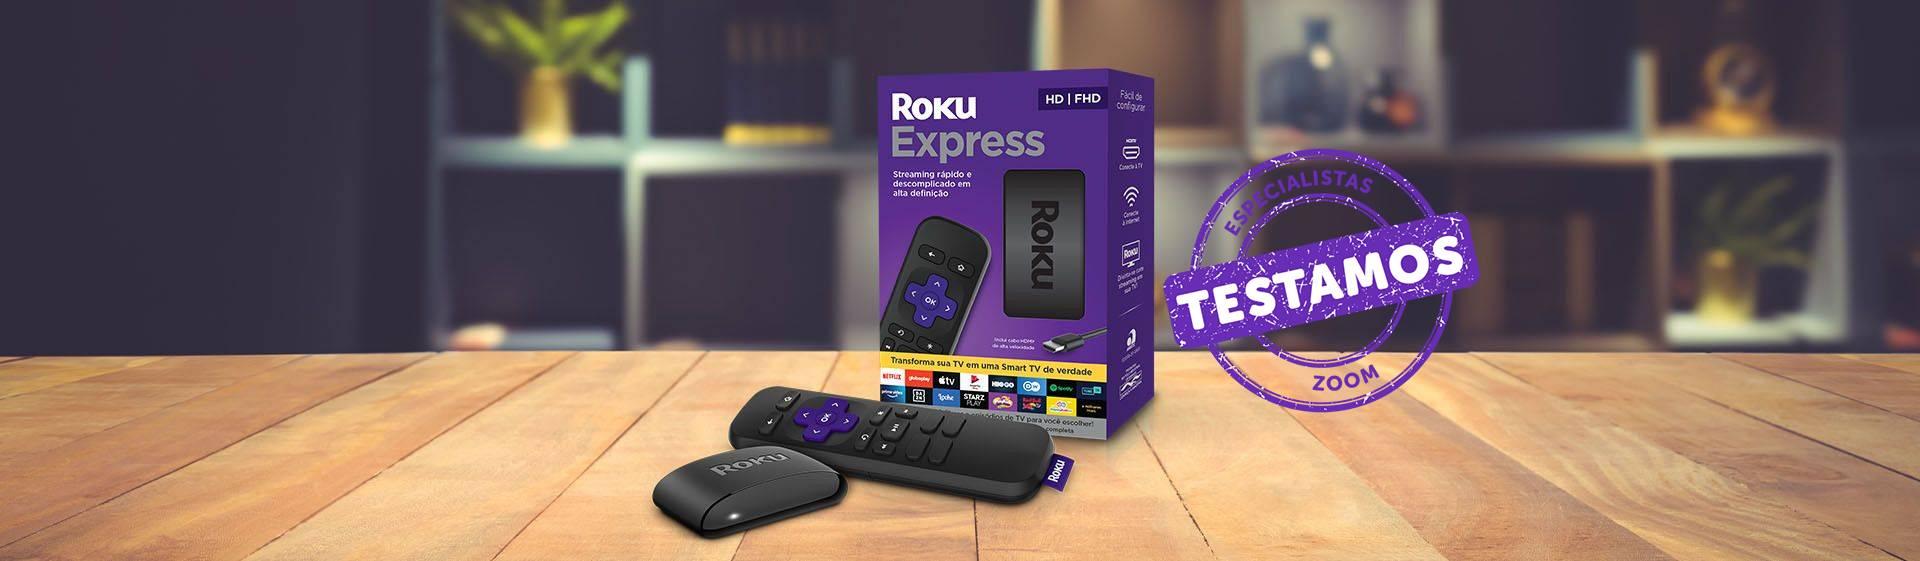 Roku Express: resolução Full HD e boa variedade de apps